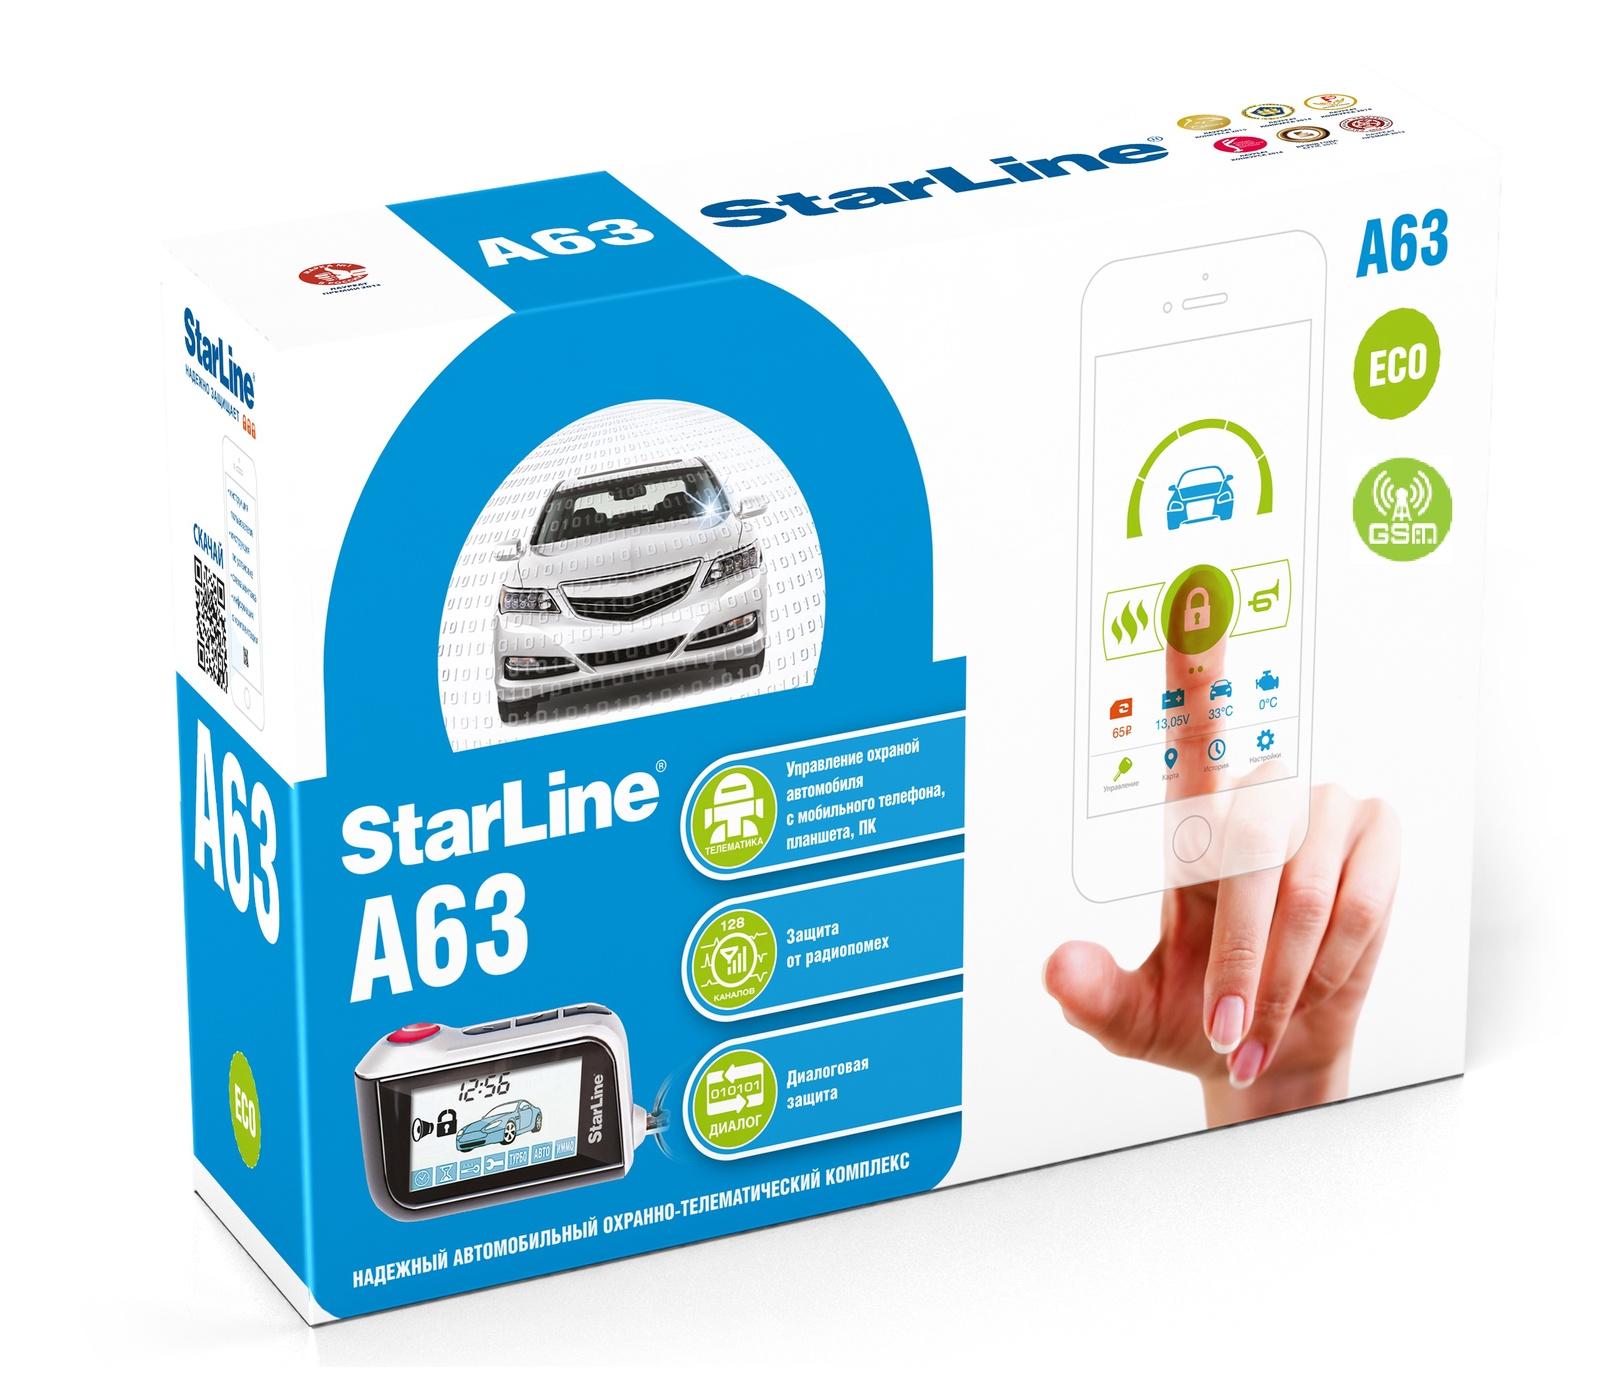 Противоугонное устройство Starline A63 GSM ECO